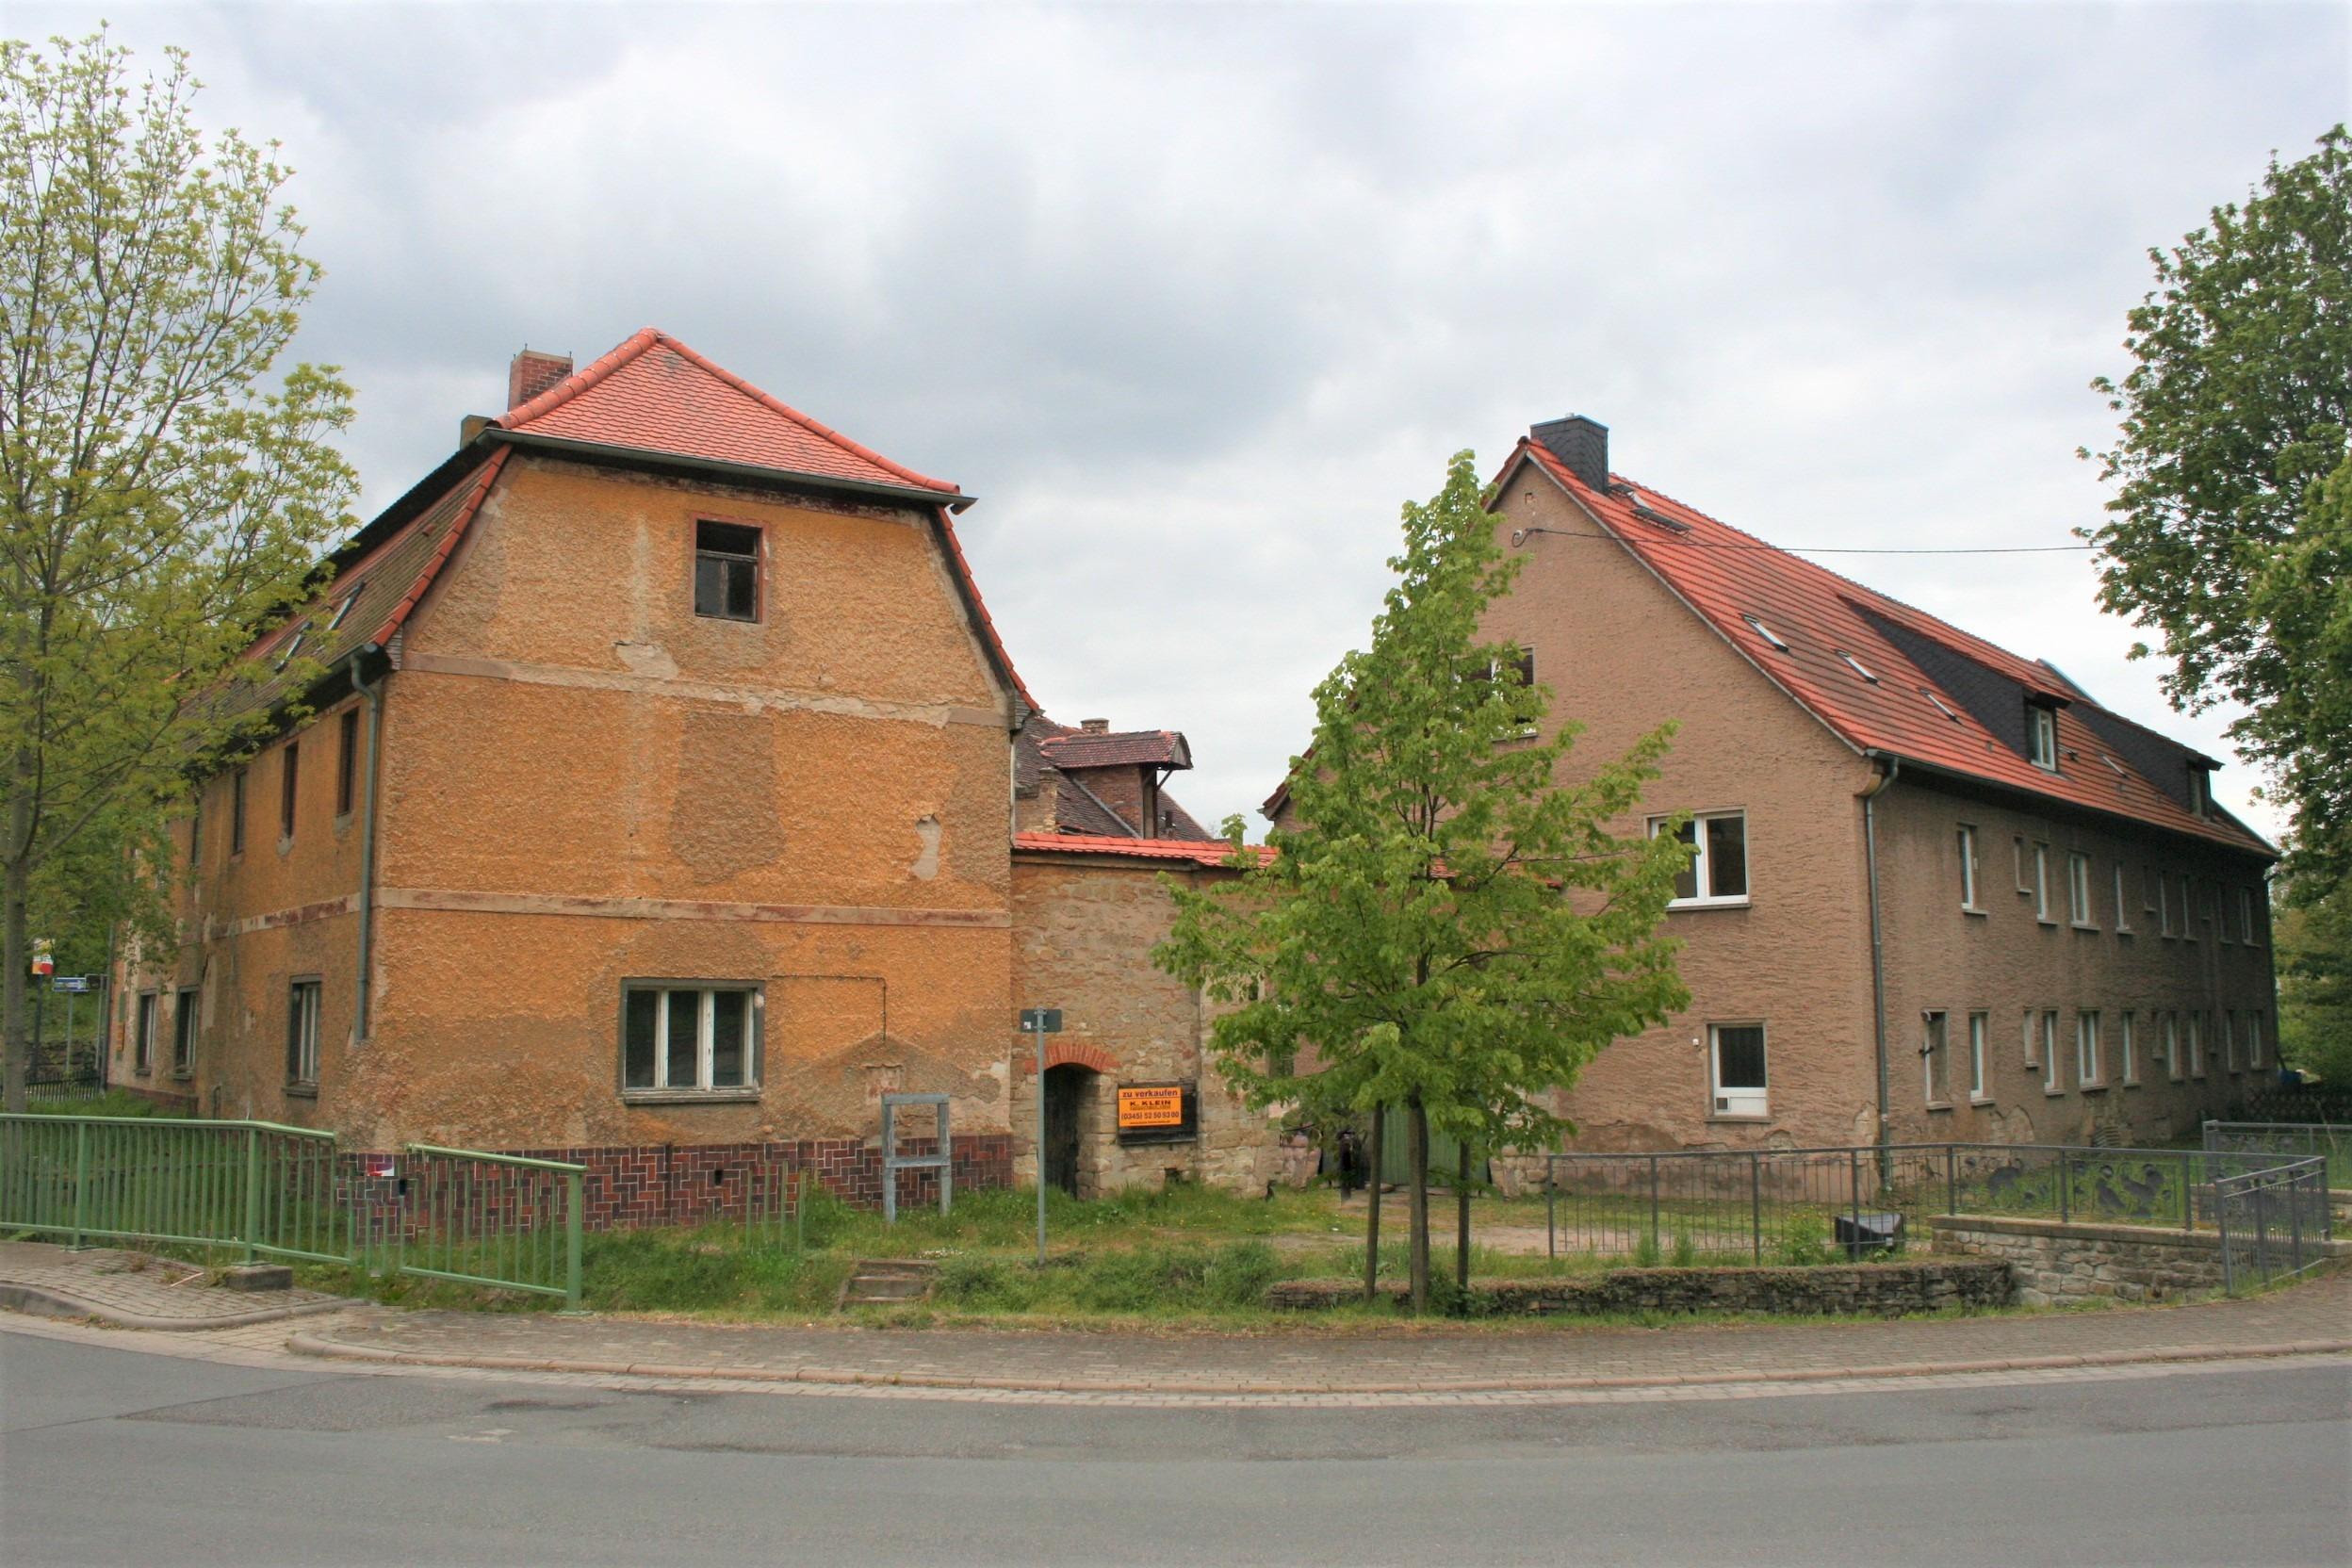 Gutshof Fienstedt Gebäudekomplex Straßenansicht